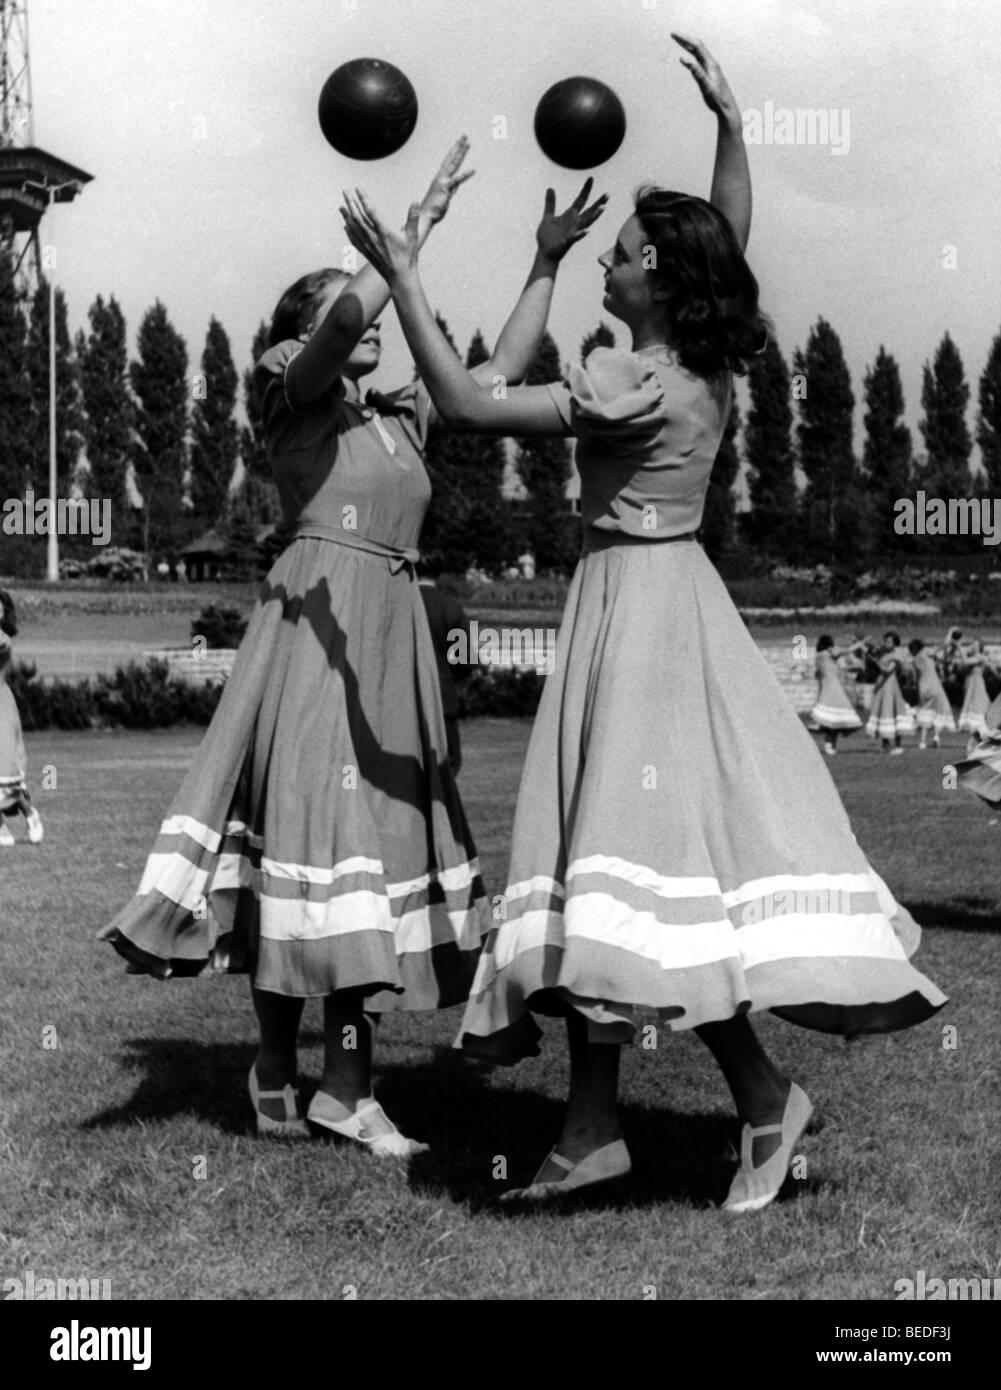 Fotografia storica, due donne giocare a palla, intorno al 1940 Immagini Stock